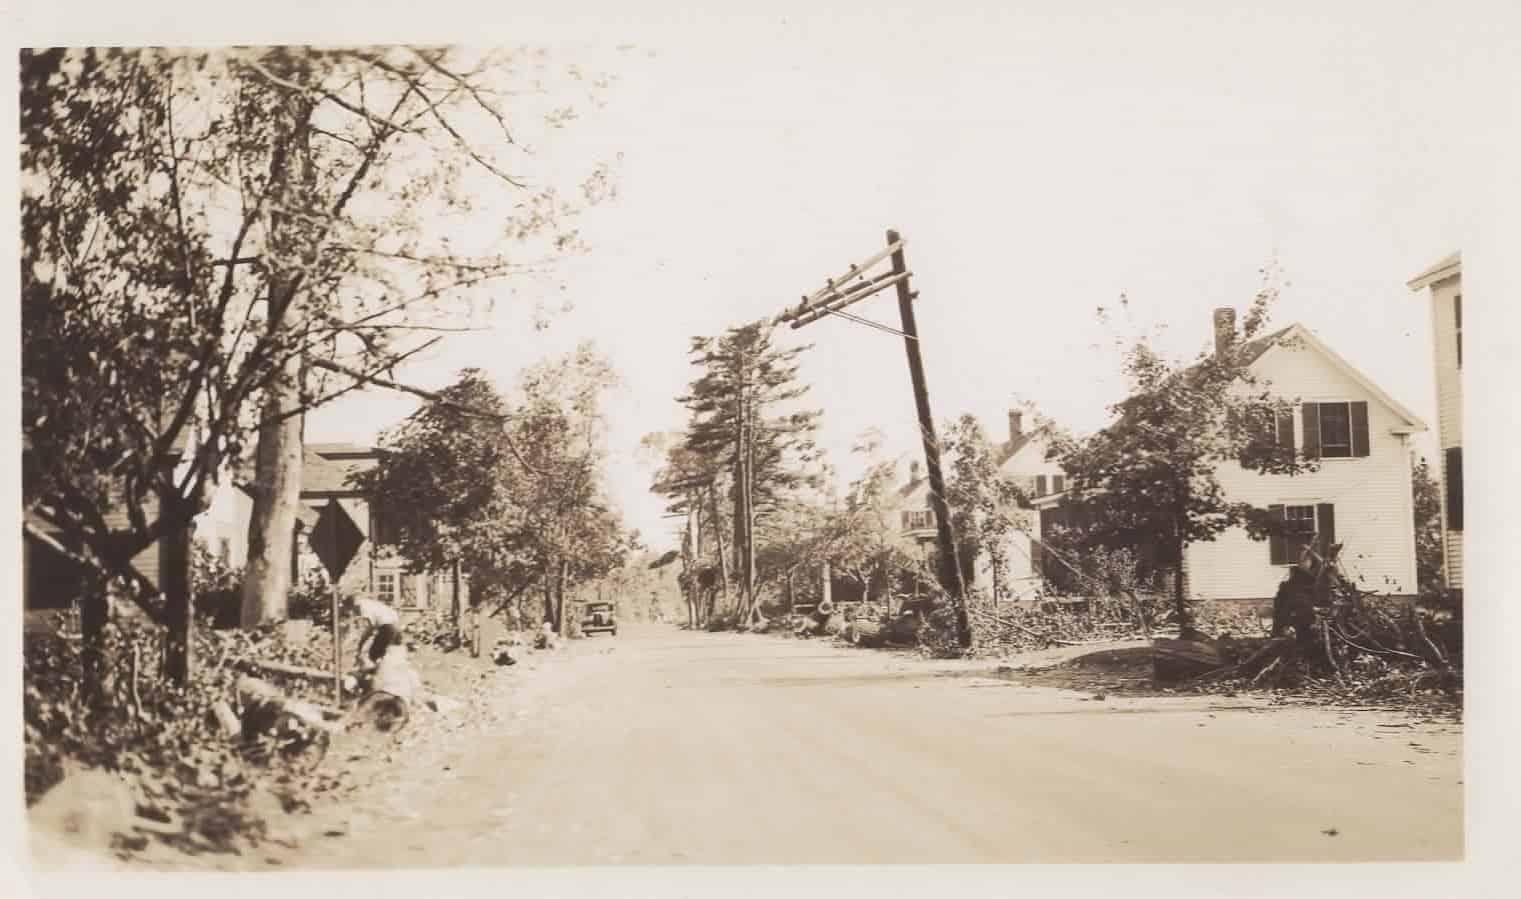 Pine St, Forge Village